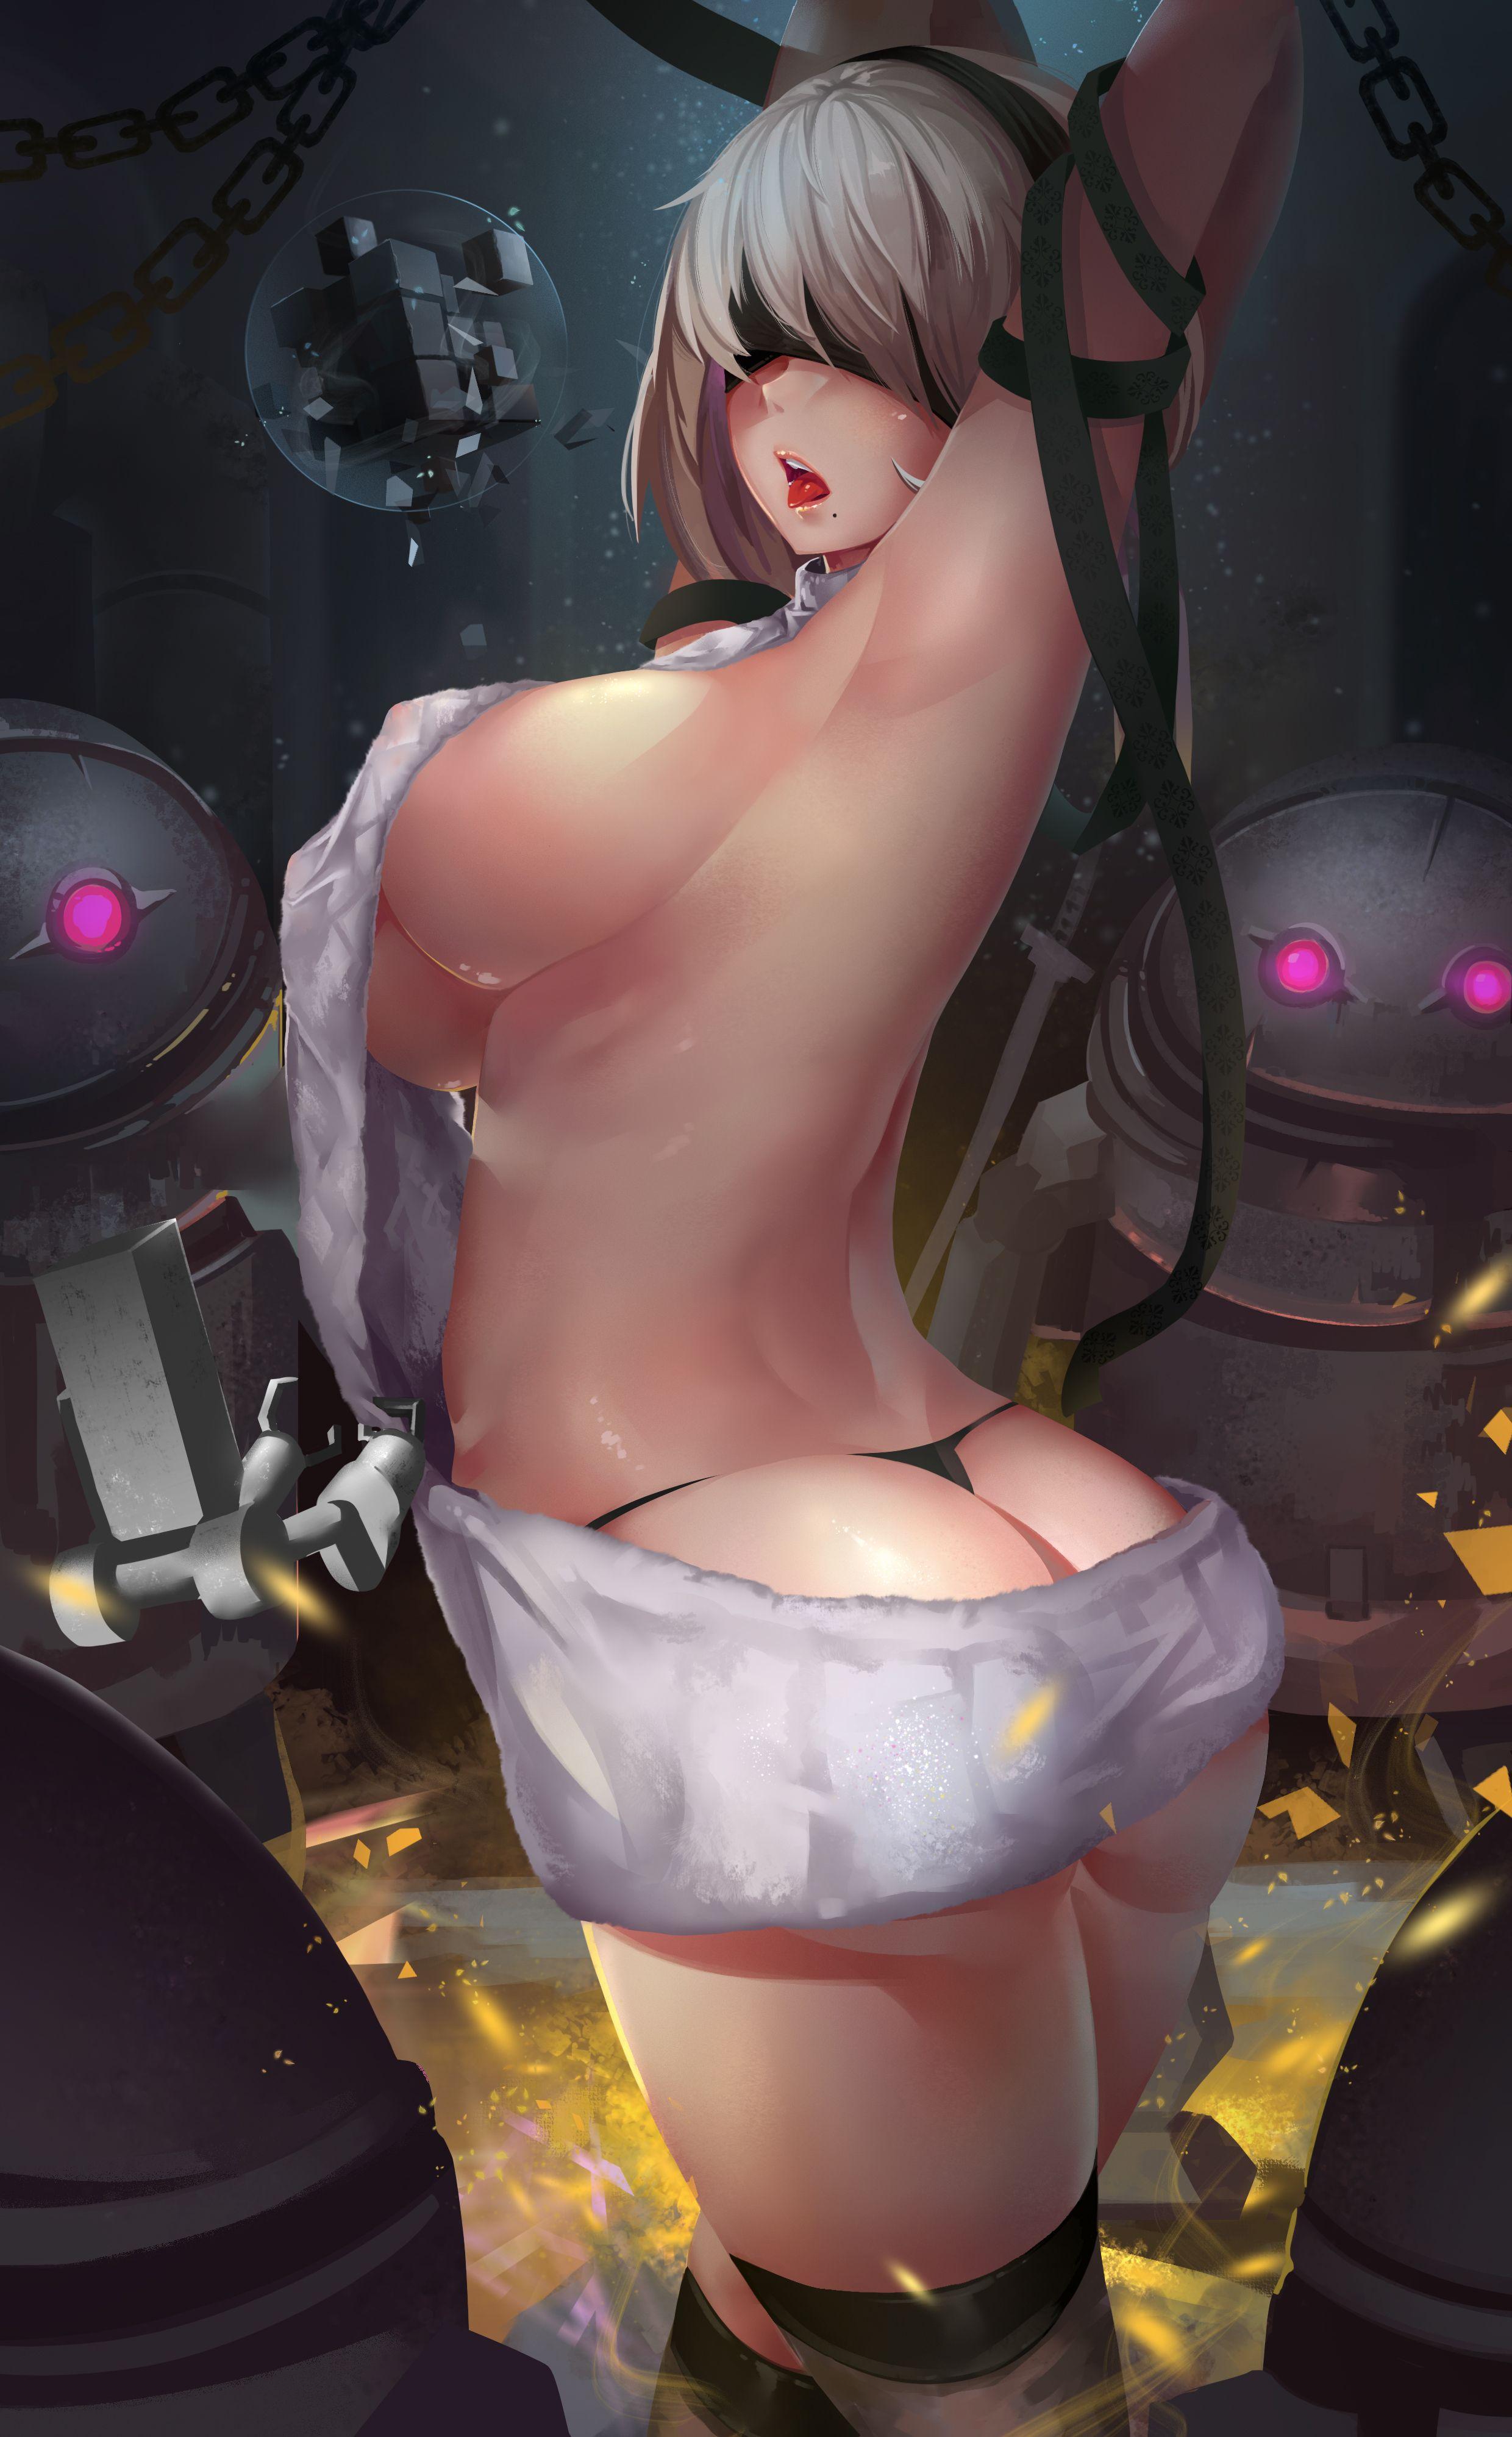 Dessin animГ© japonais sexe vidГ©os